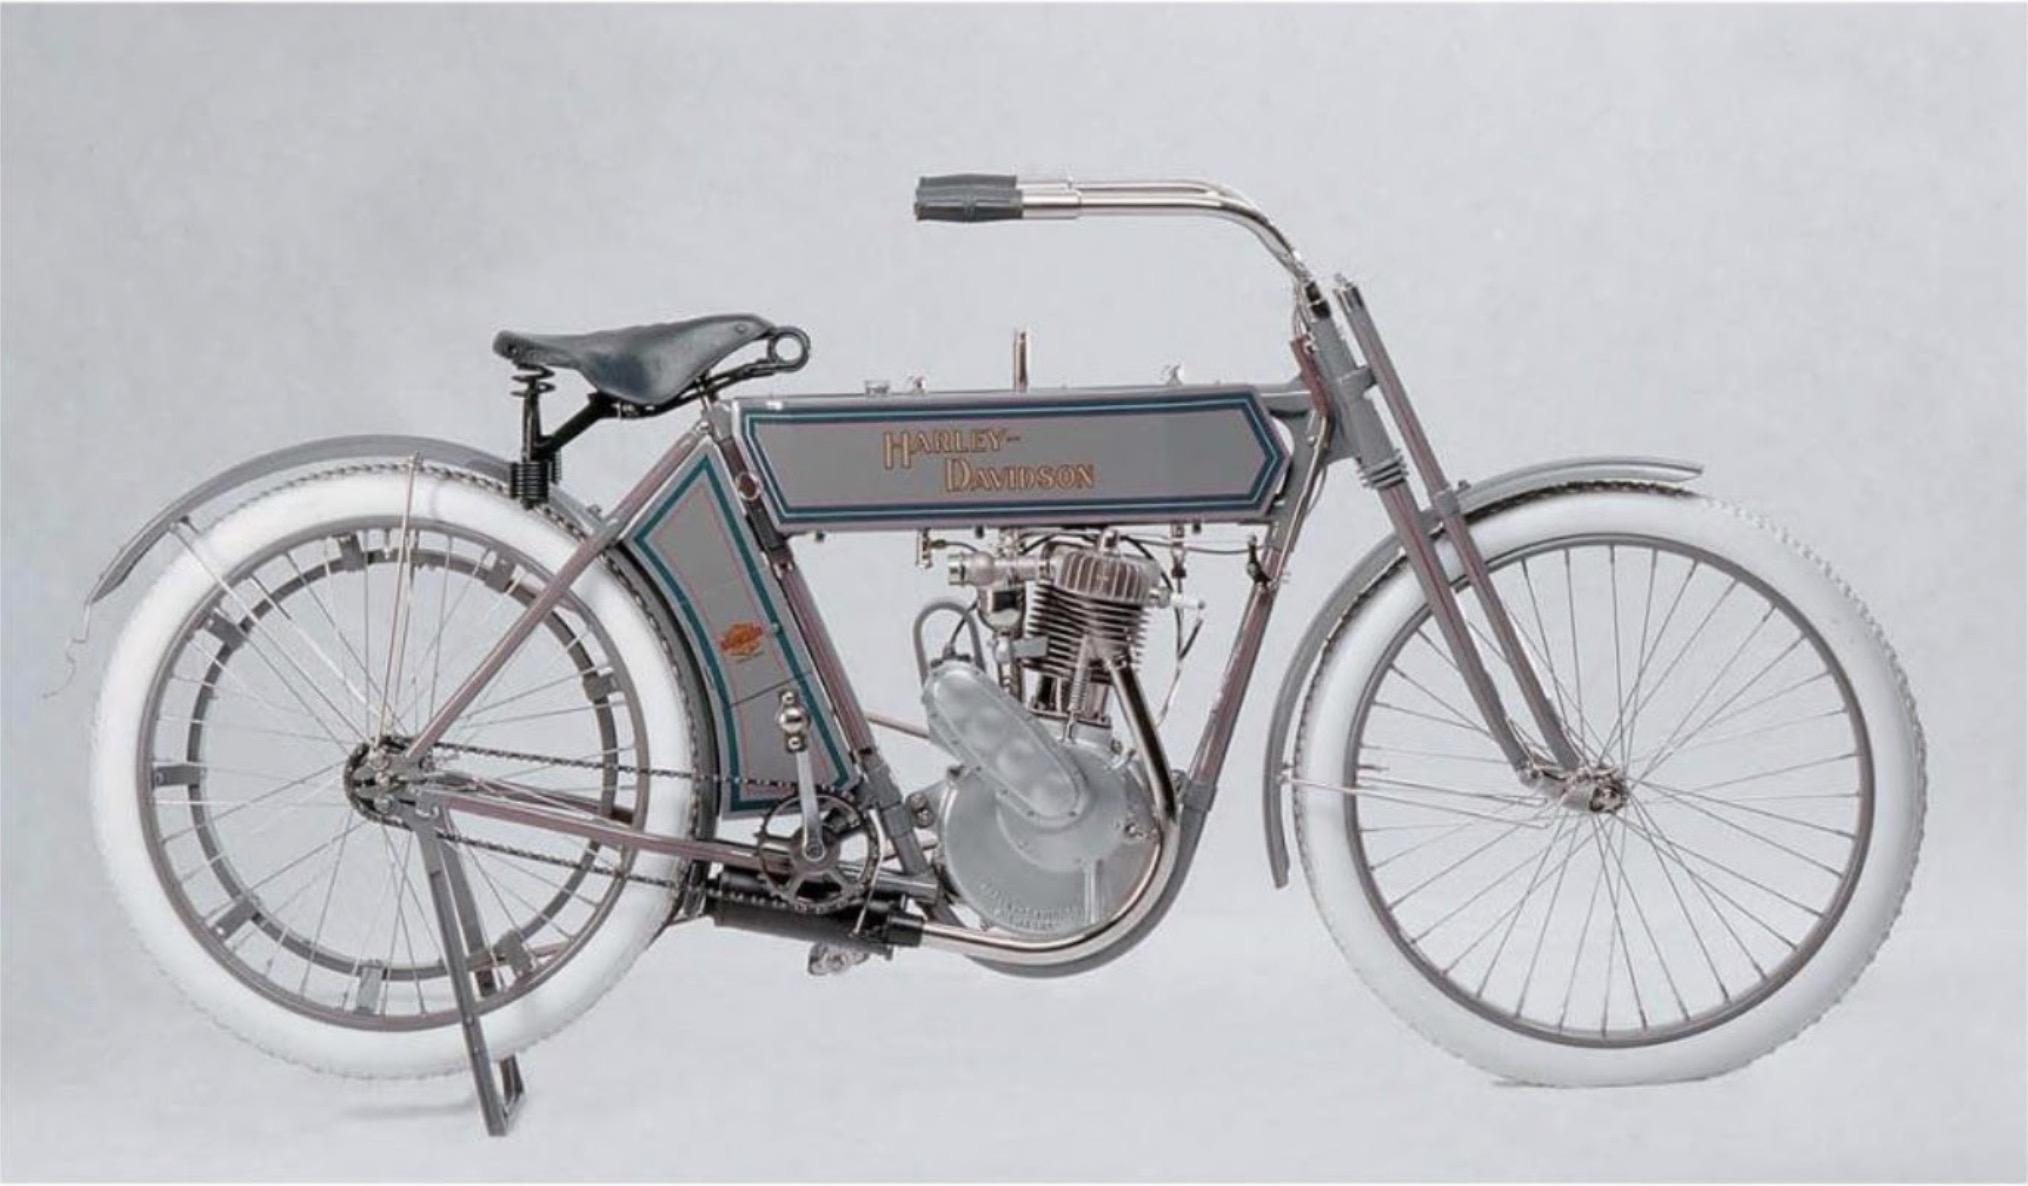 1911 - Harley-Davidson model 7 single